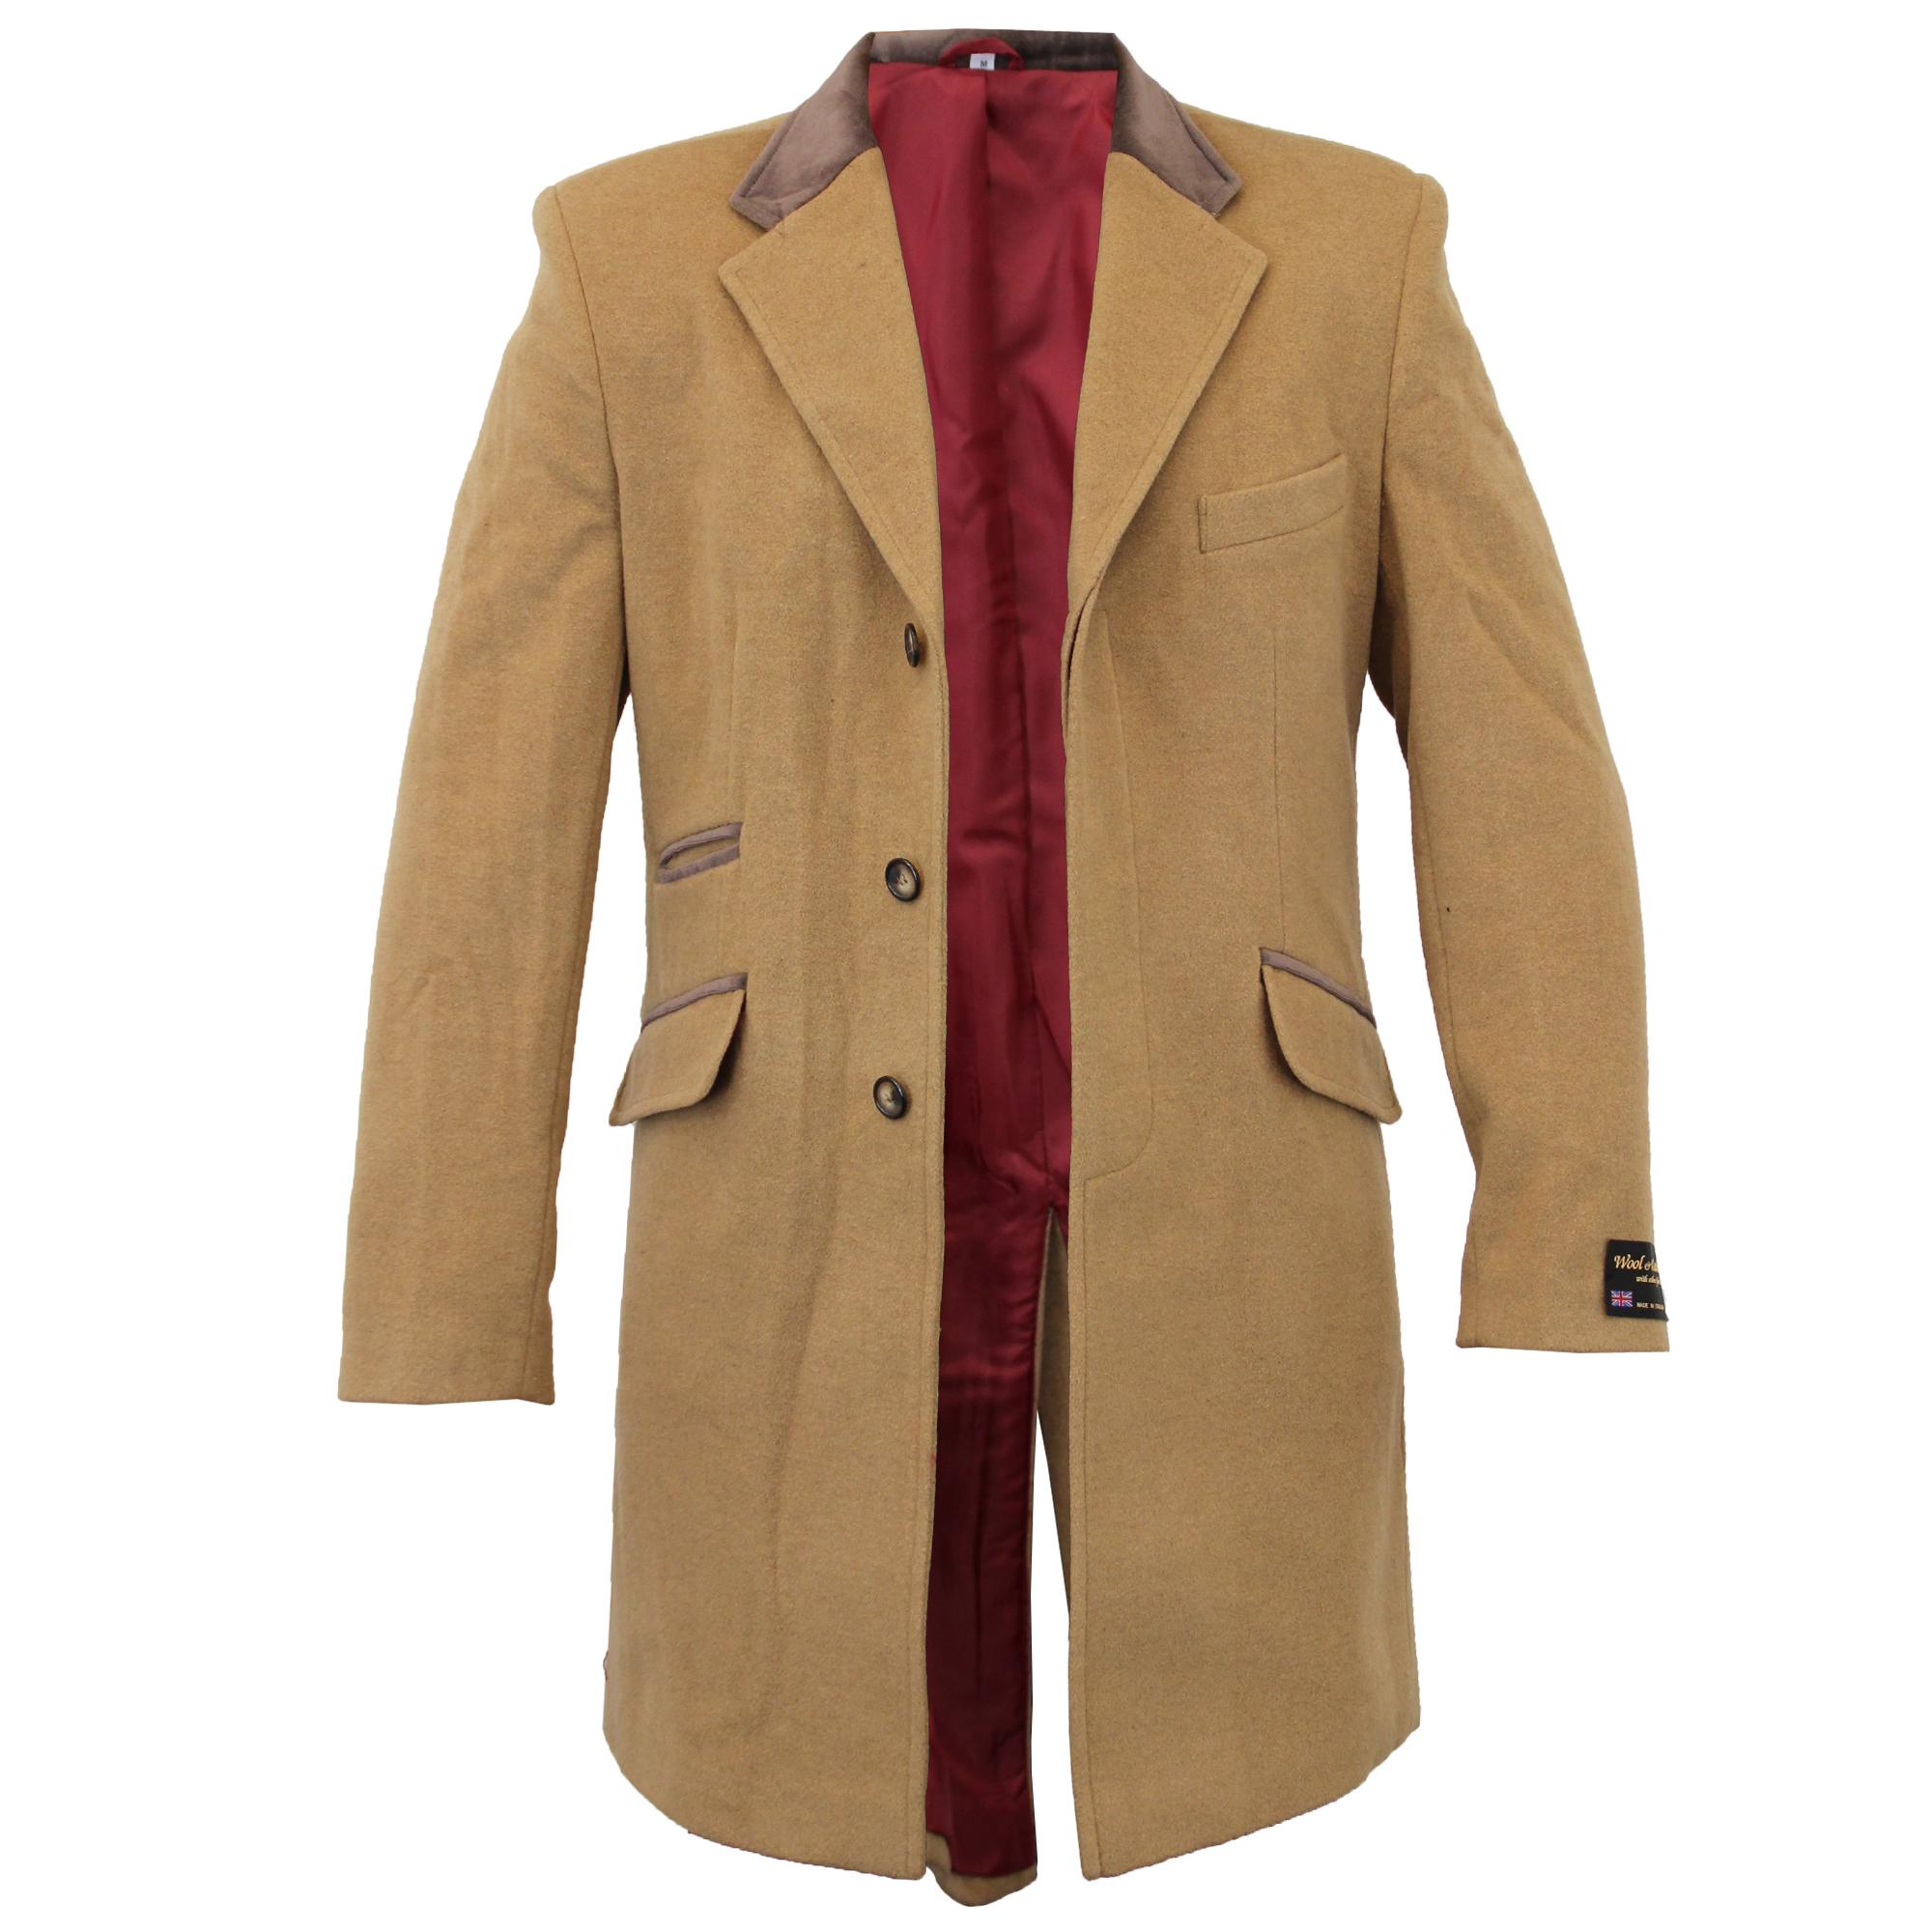 Para-Hombre-Abrigo-Chaqueta-de-lana-cashmere-Casual-abrigos-Abrigo-Trench-Forro-De-Invierno miniatura 10